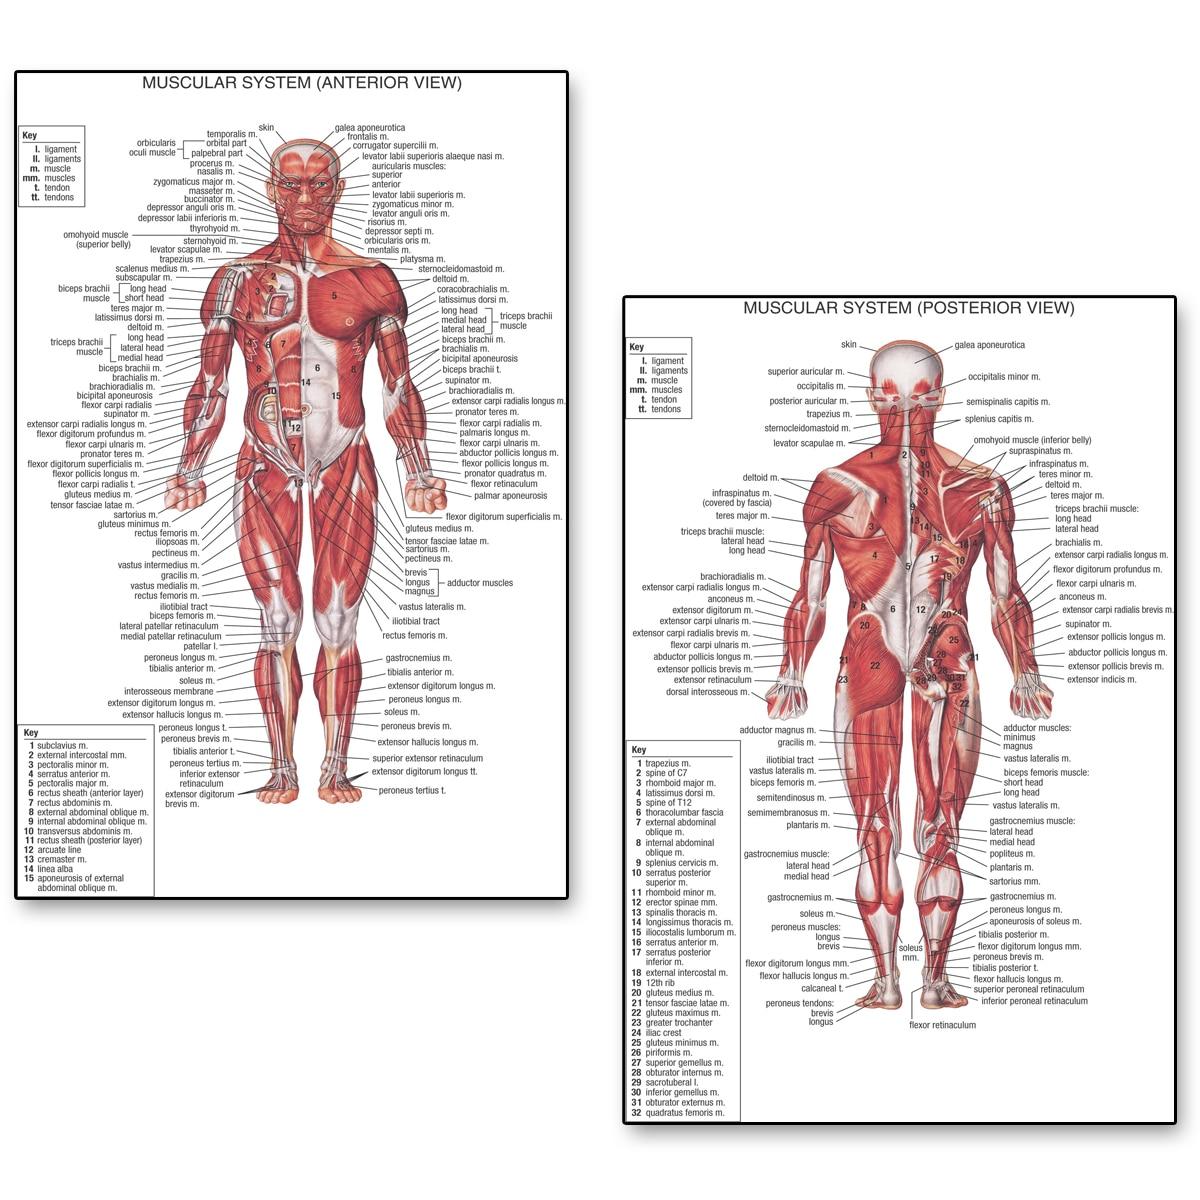 Menschlichen Anatomie posterior anterioren ansicht anatomie Muskeln ...